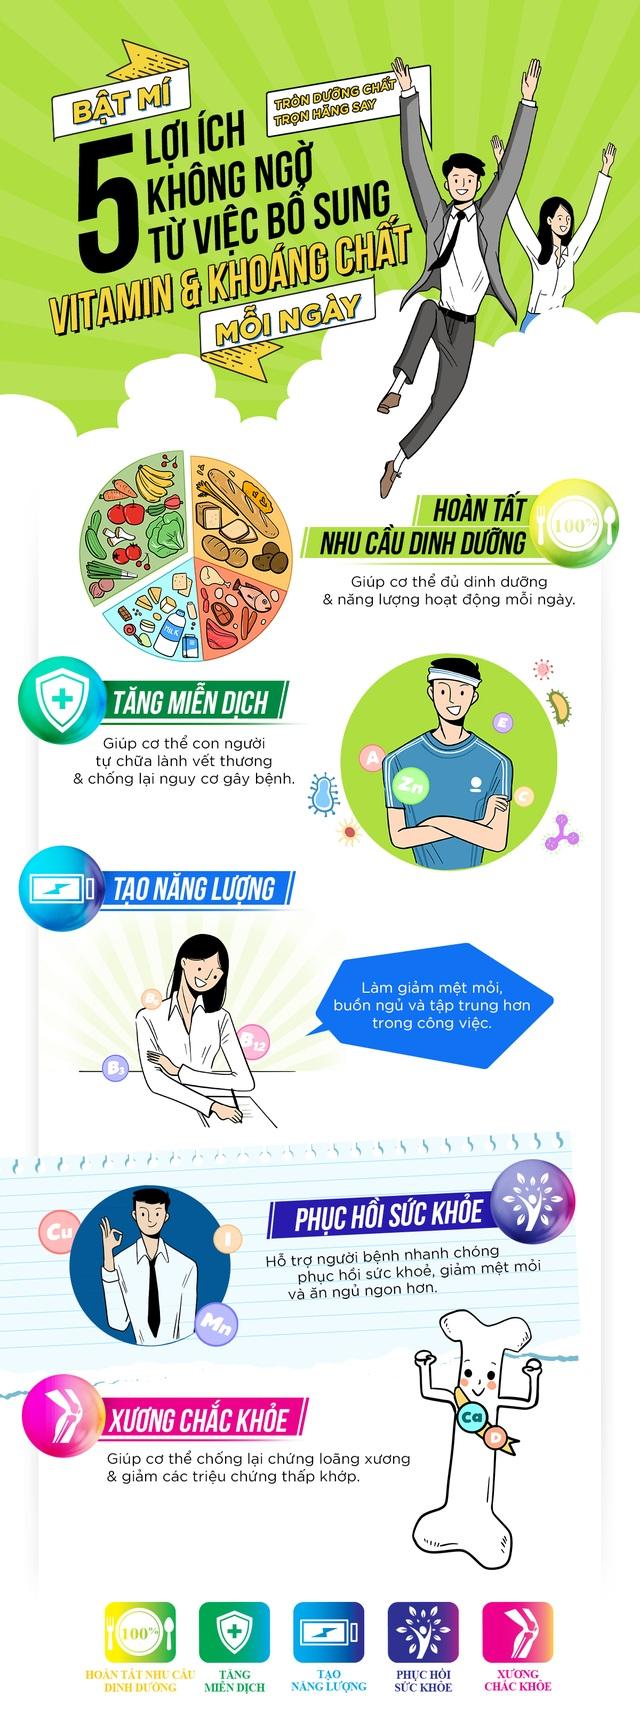 Bật mí 5 lợi ích không ngờ từ việc bổ sung vitamin và khoáng chất mỗi ngày - 1